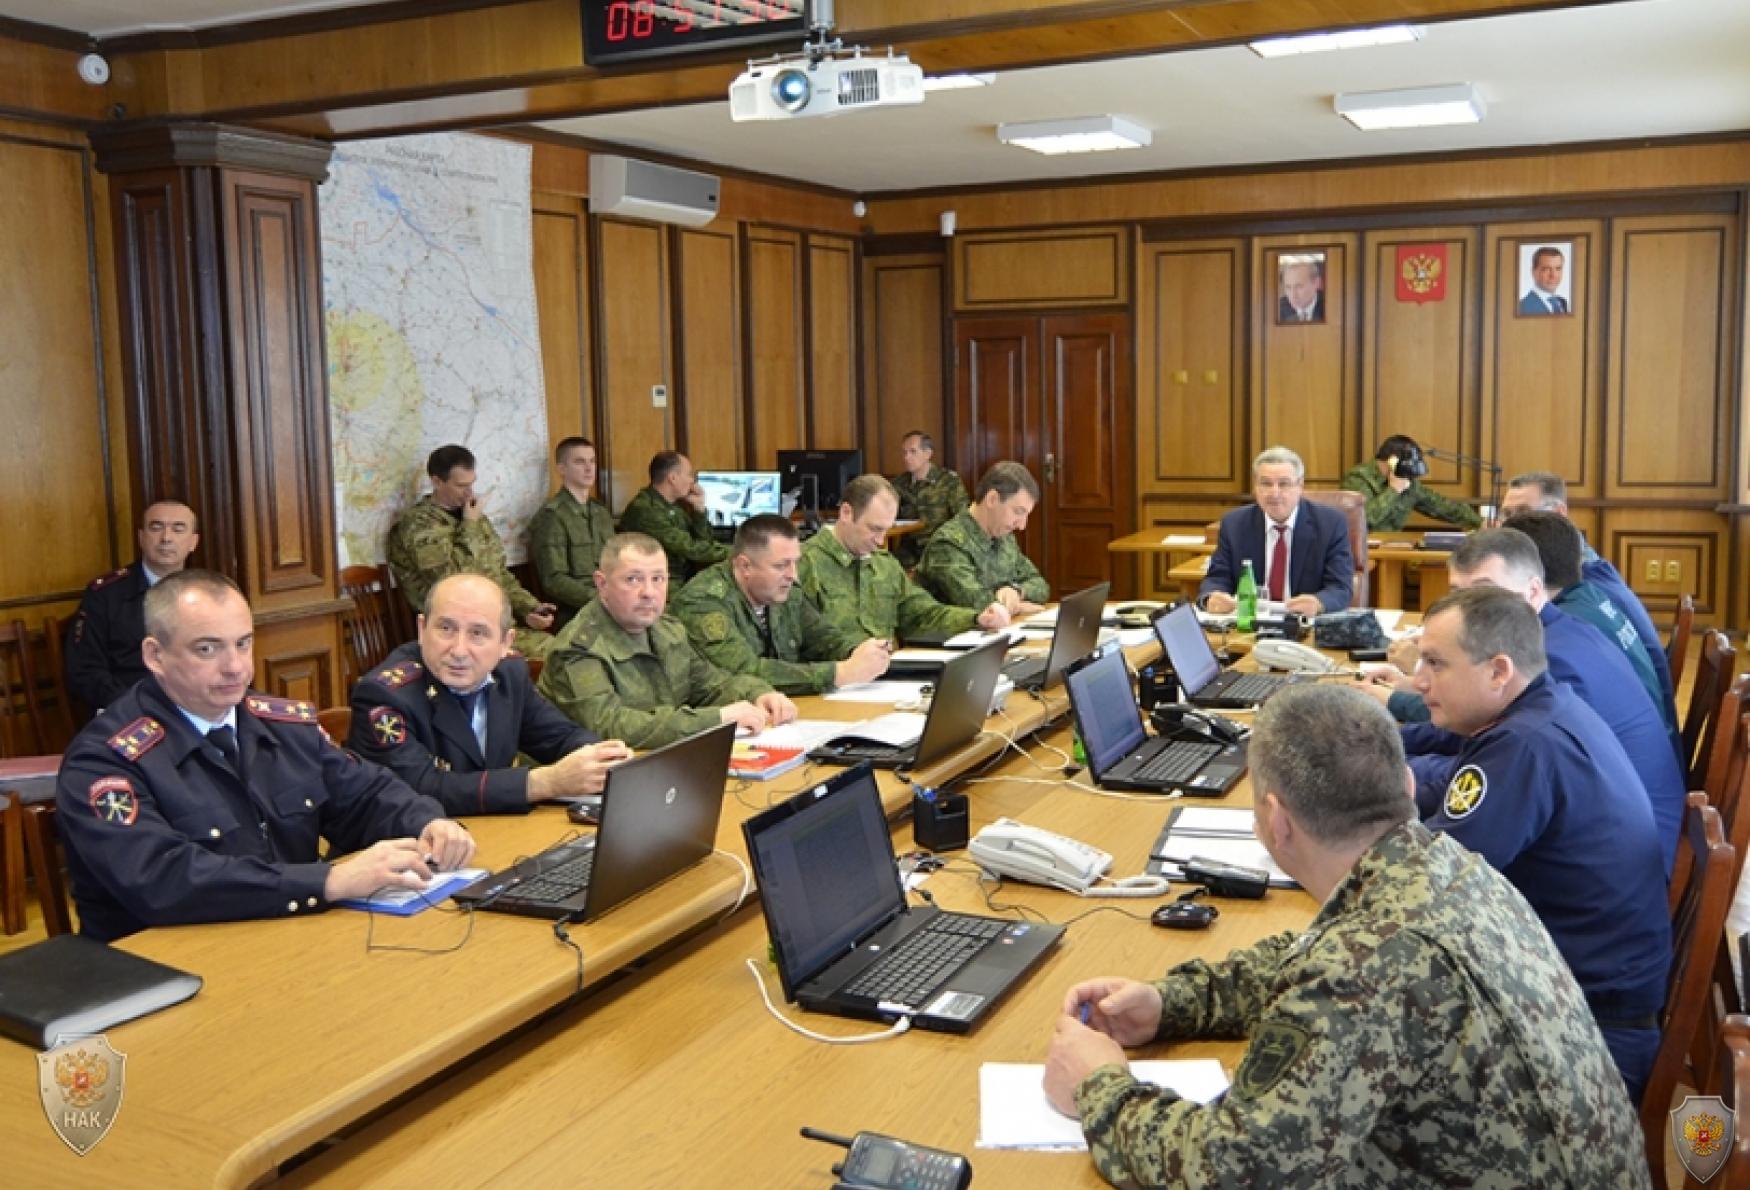 Проведение экстренного заседания оперативного штаба в Ставропольском крае. Осуществление руководства мероприятиями контртеррористической операции